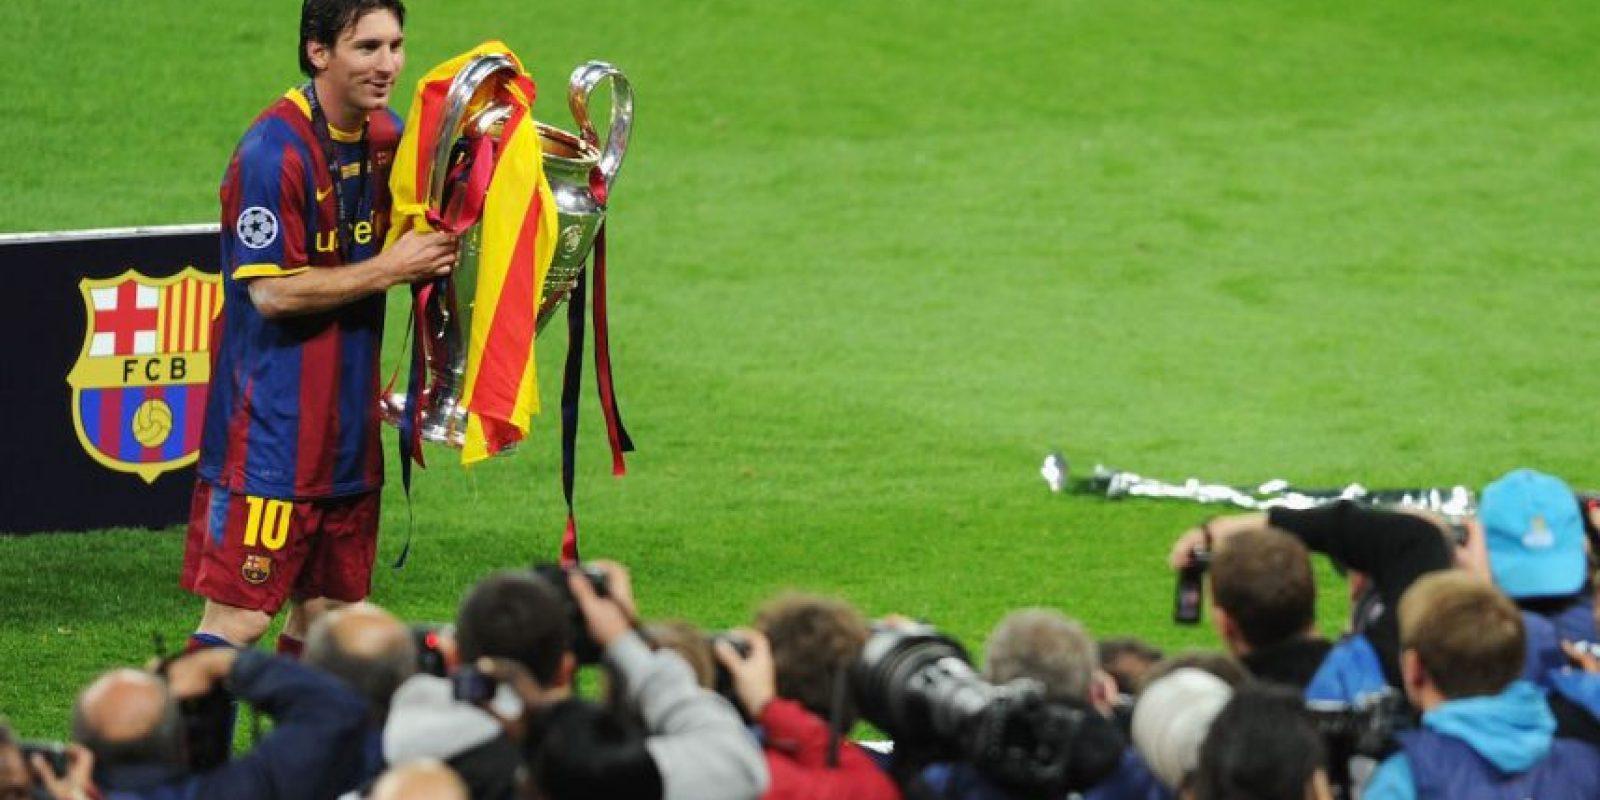 Si Leo Messi anota frente a la Juventus, será el jugador que en más finales ha marcado. Foto:Getty Images